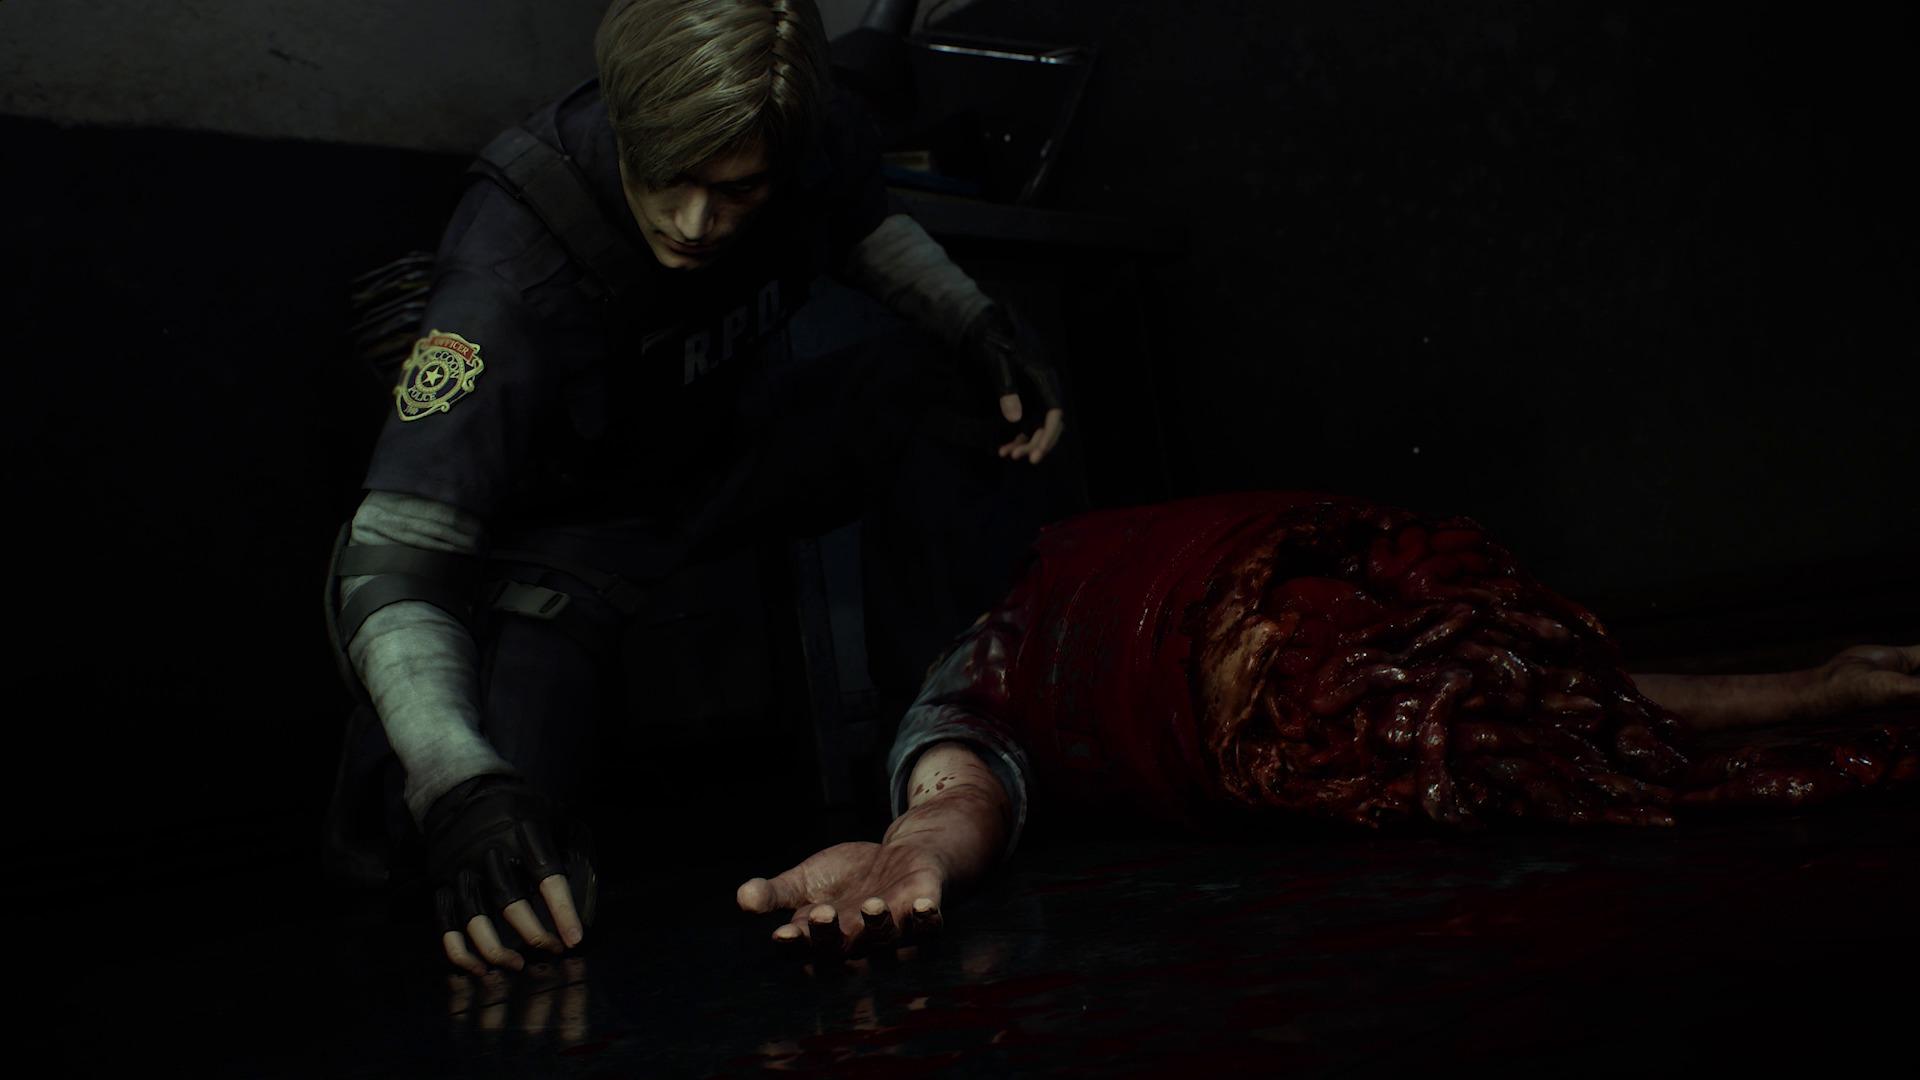 Leon récupère un objet à côté d'un cadavre tout frais